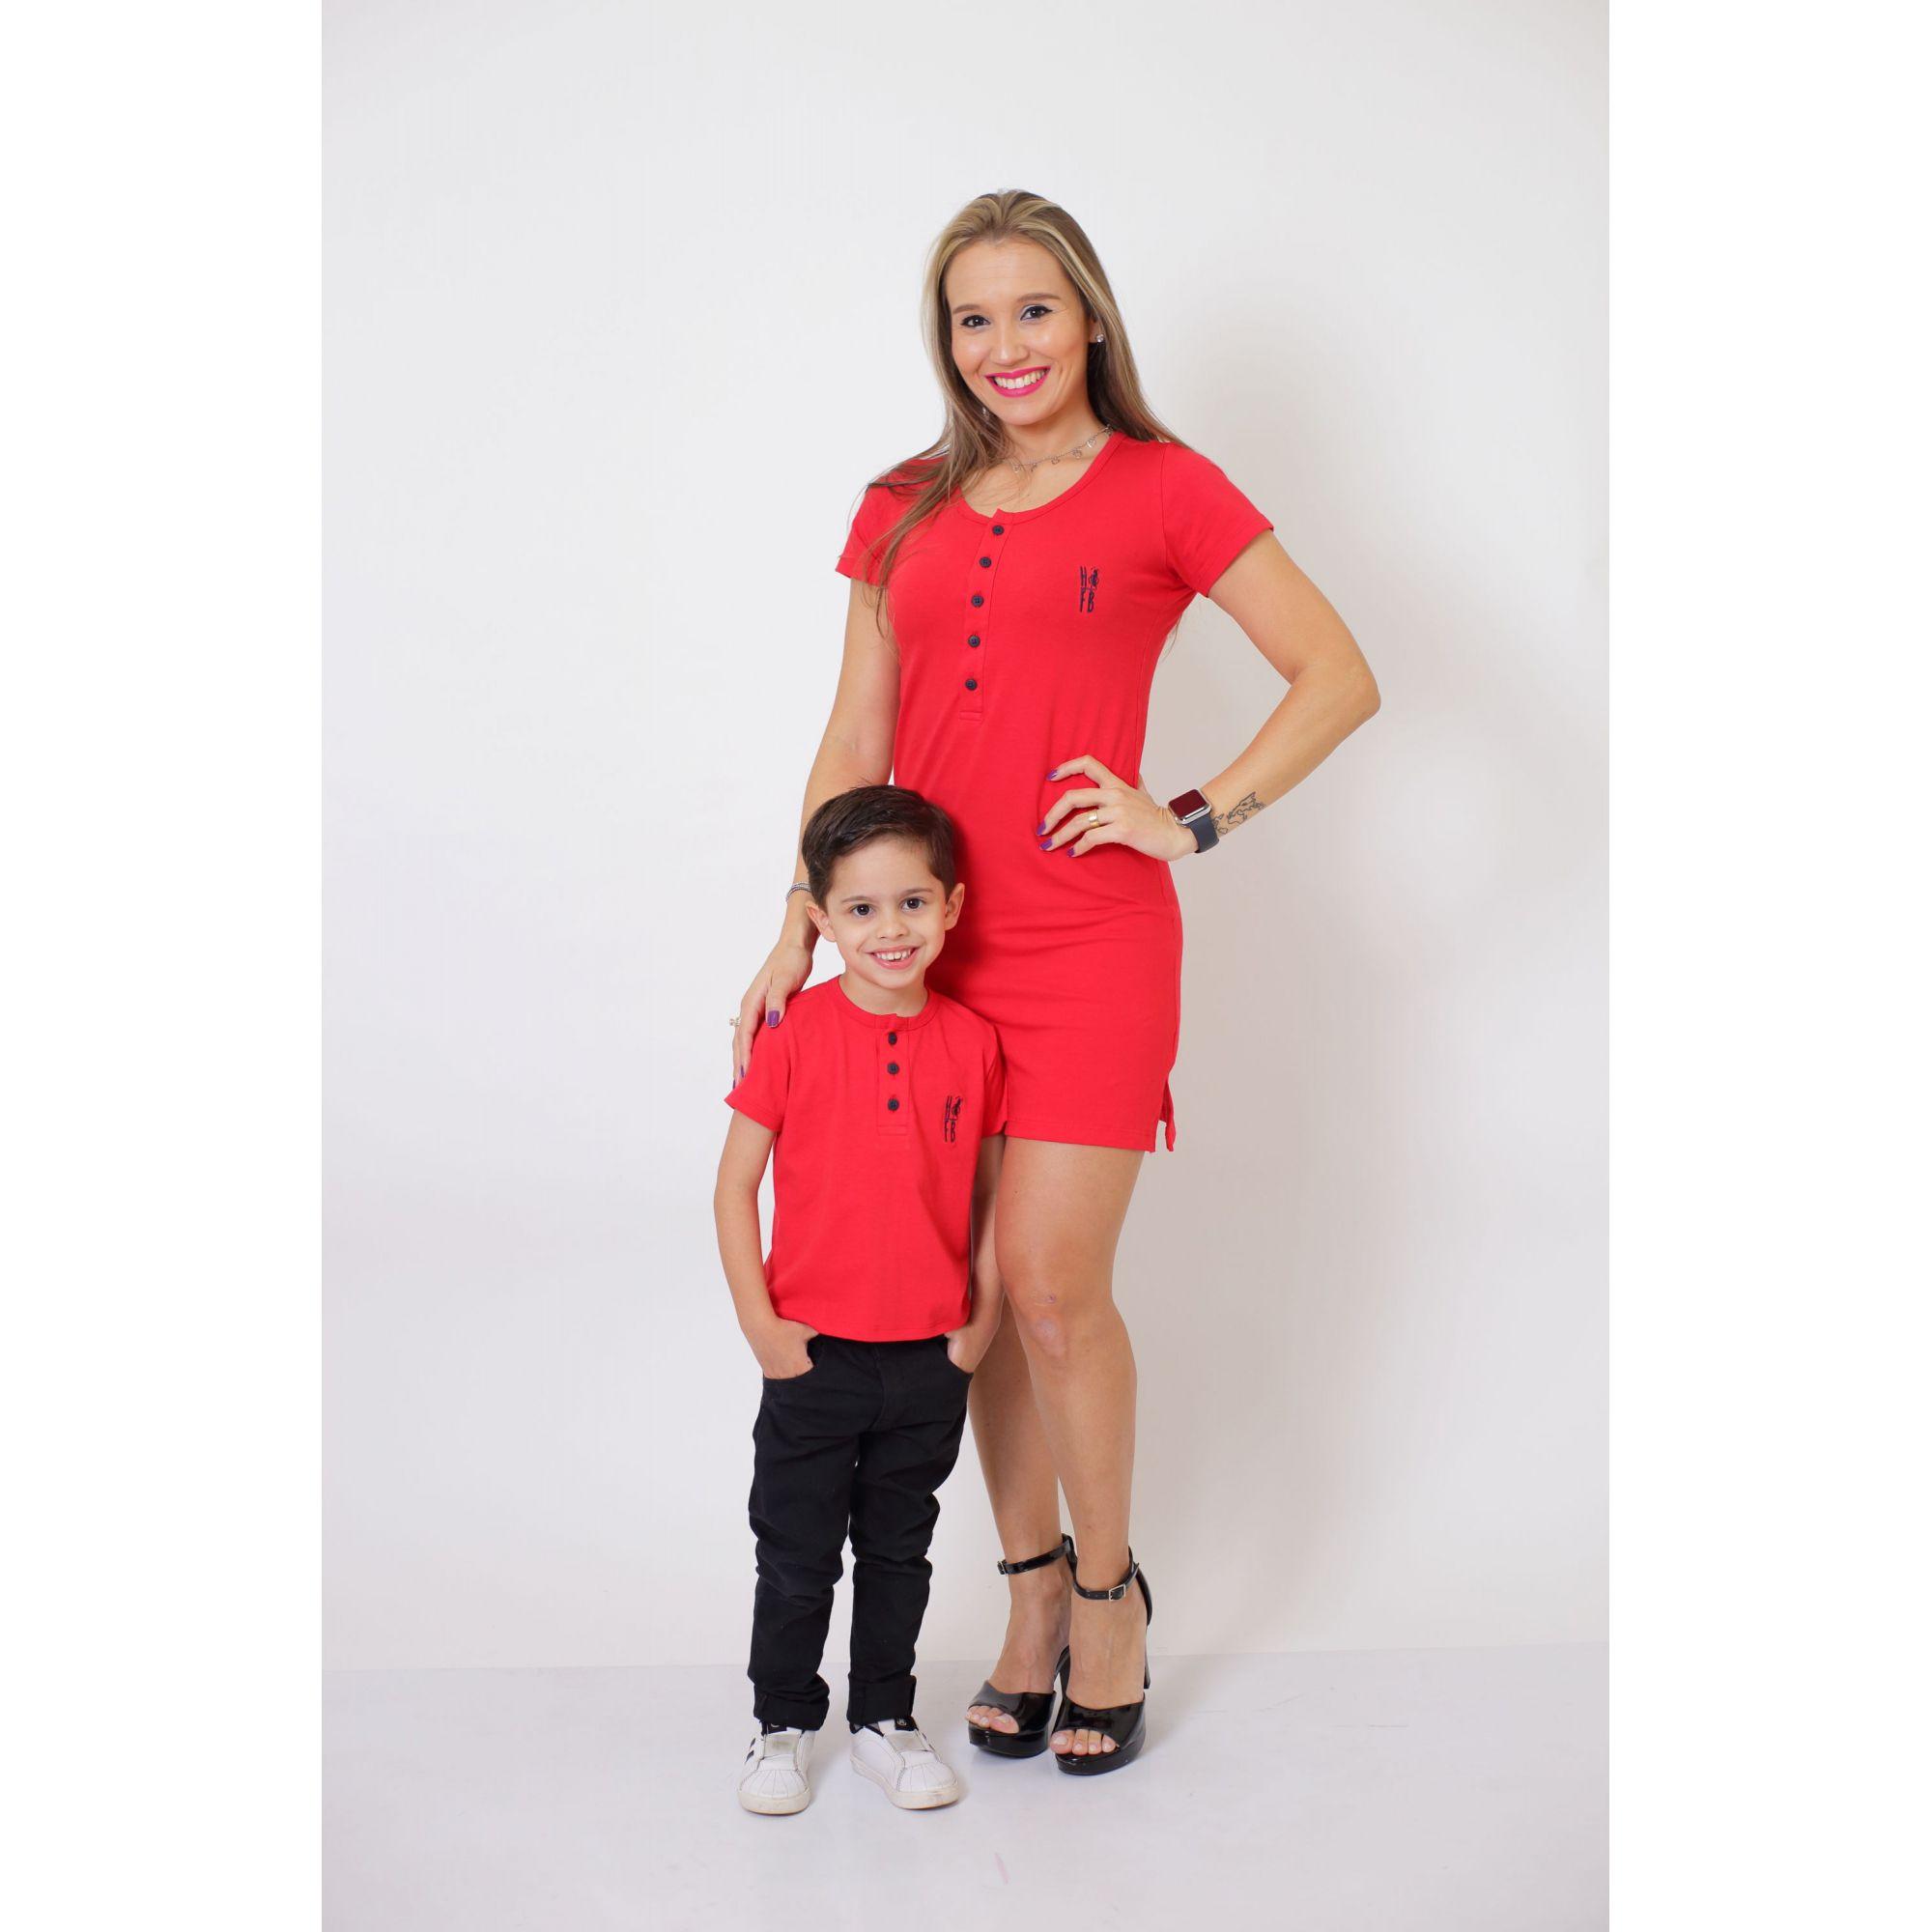 MÃE E FILHO > Kit Vestido + T-shirt Unissex ou Body Infantil - Henley - Vermelho [Coleção Tal Mãe Tal Filho]